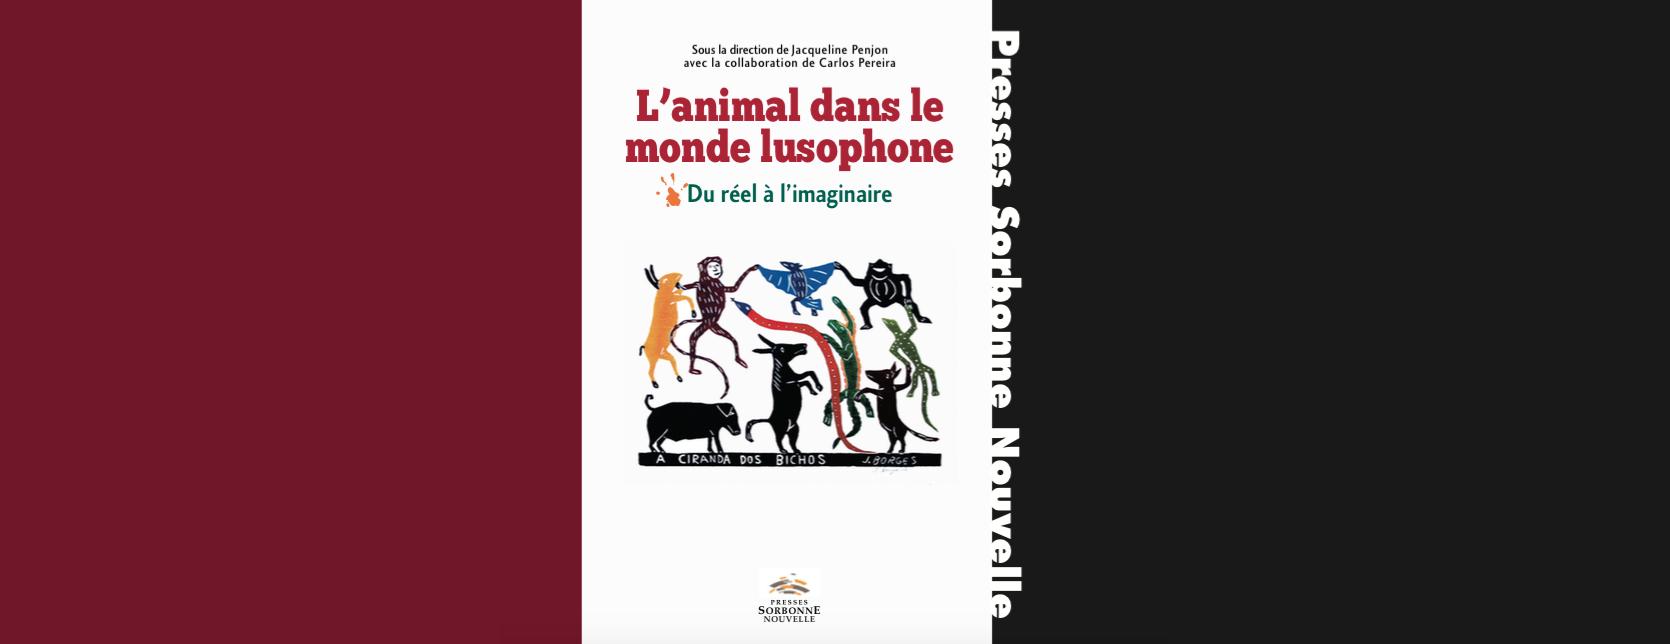 L'animal dans le monde Lusophone, un nouvel ouvrage de Jacqueline Pennon et Carlos Pereira